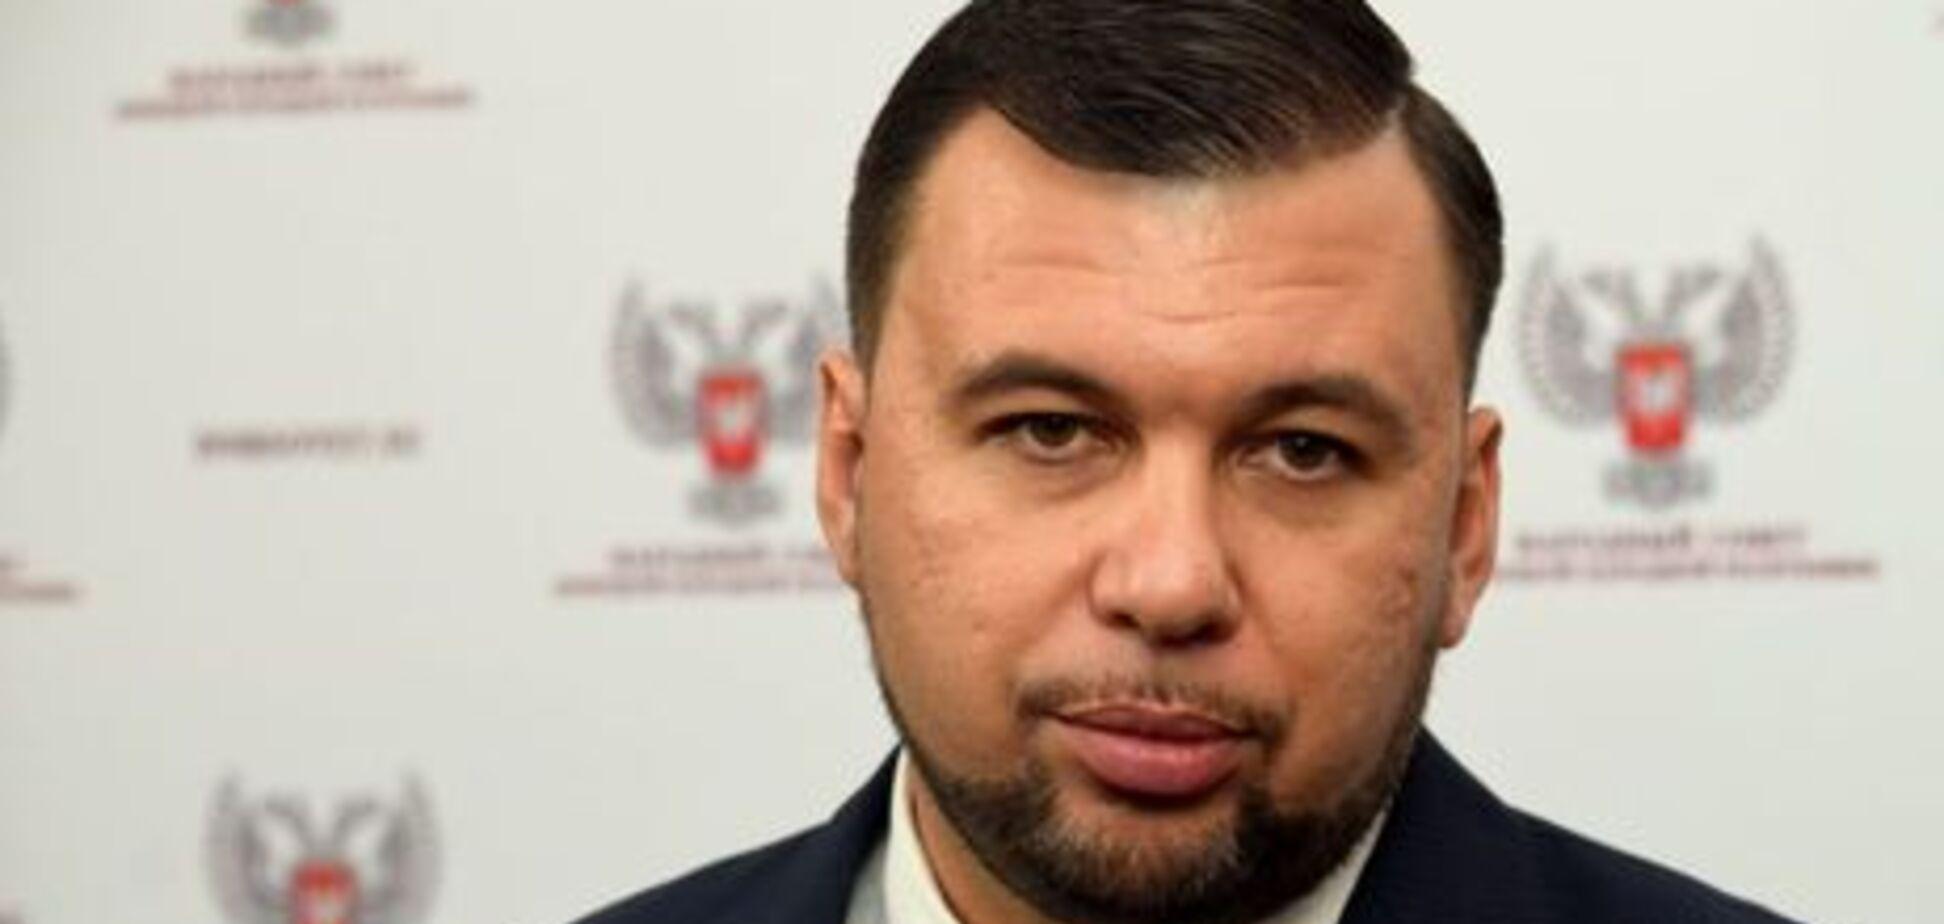 'Беременный Кастро?' Главаря 'ДНР' подняли на смех из-за наряда